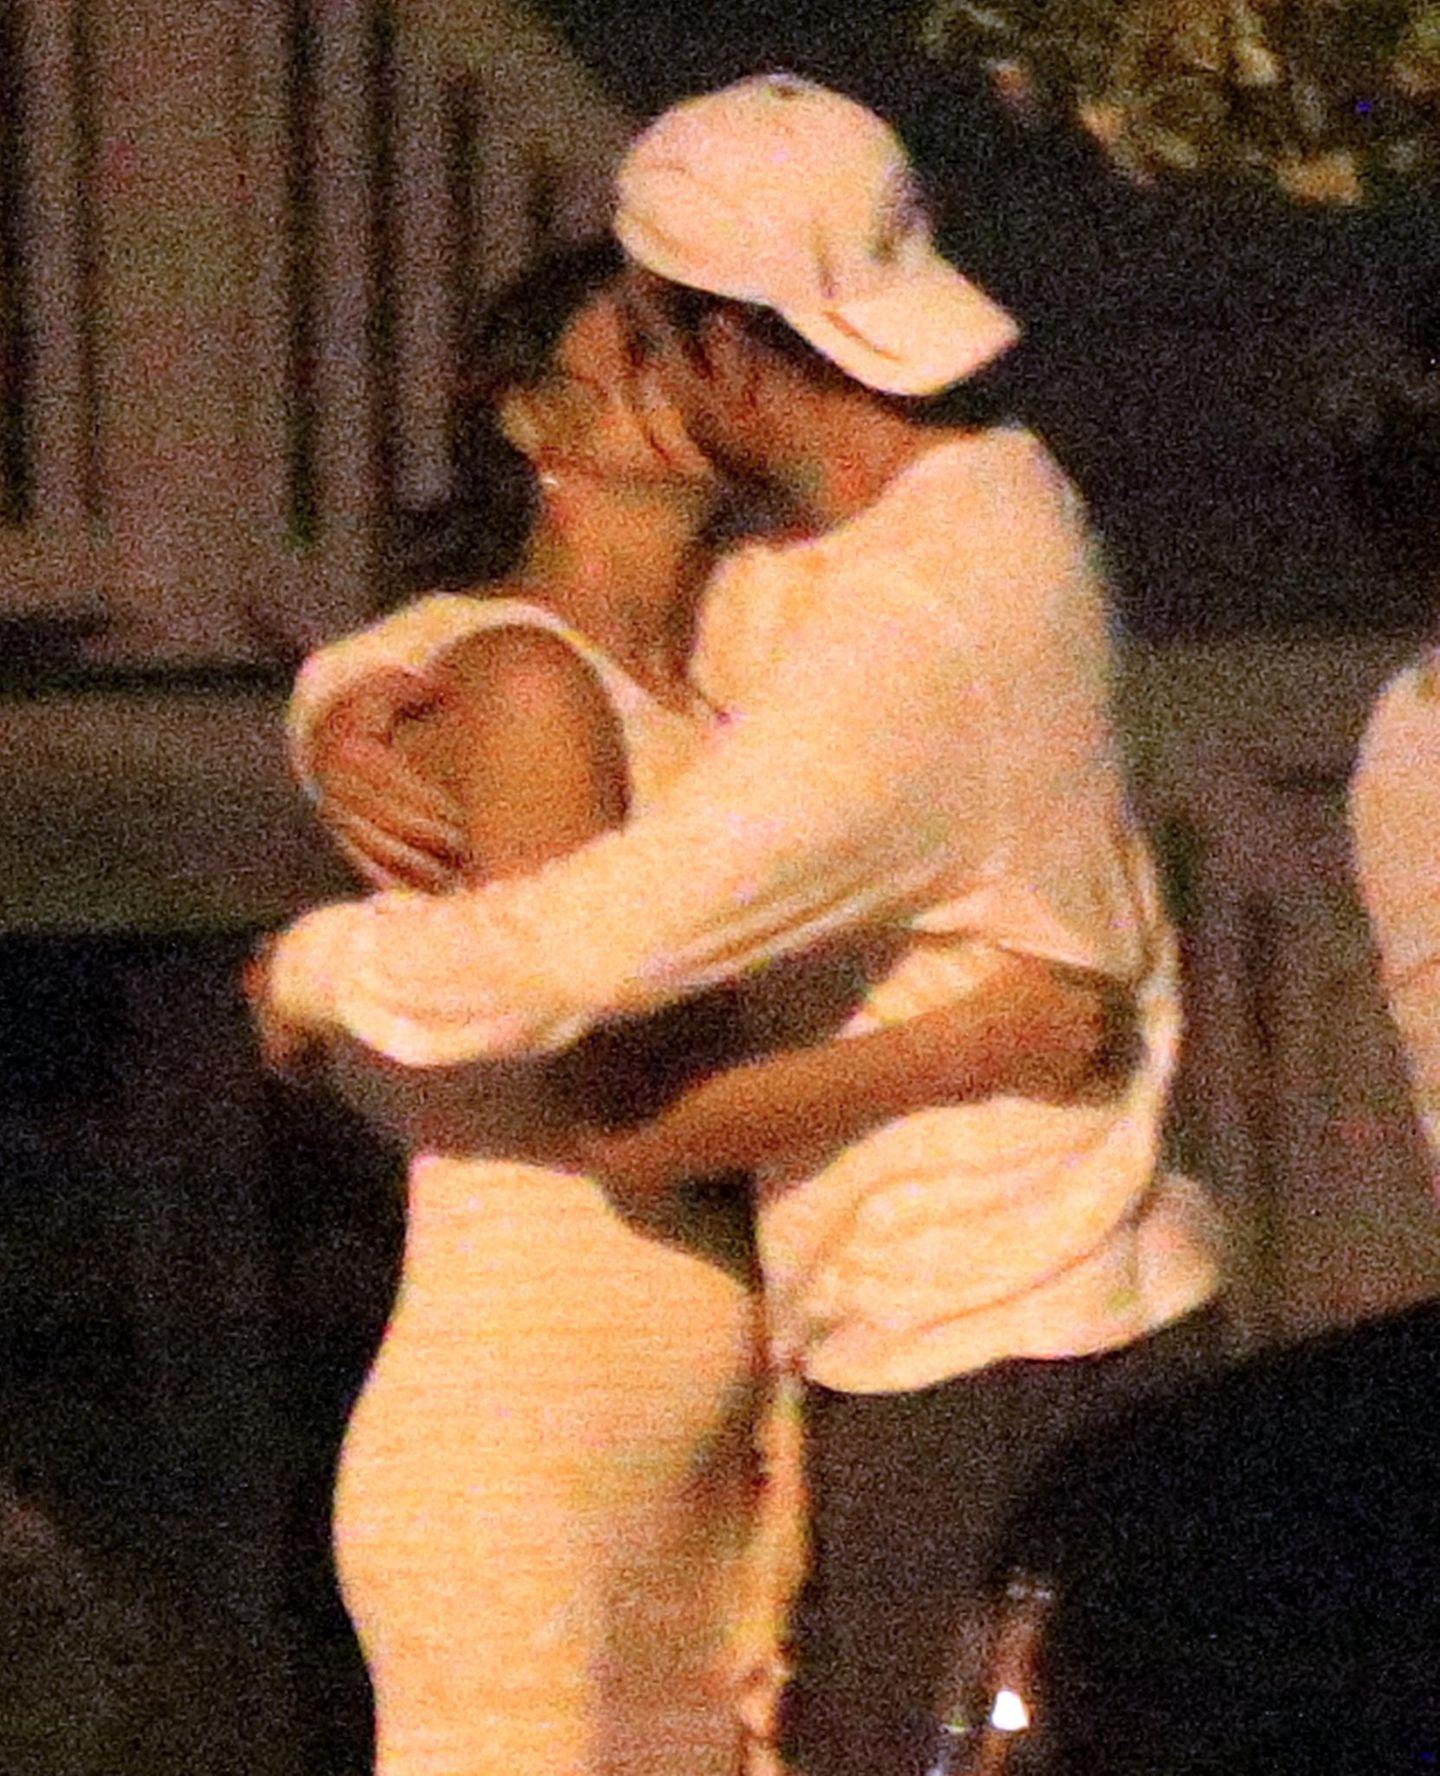 Model Irina Shayk und Schauspieler Bradley Cooper knutschen verliebt. Dabei wölbt sich Irinas Bäuchlein sehr auffällig